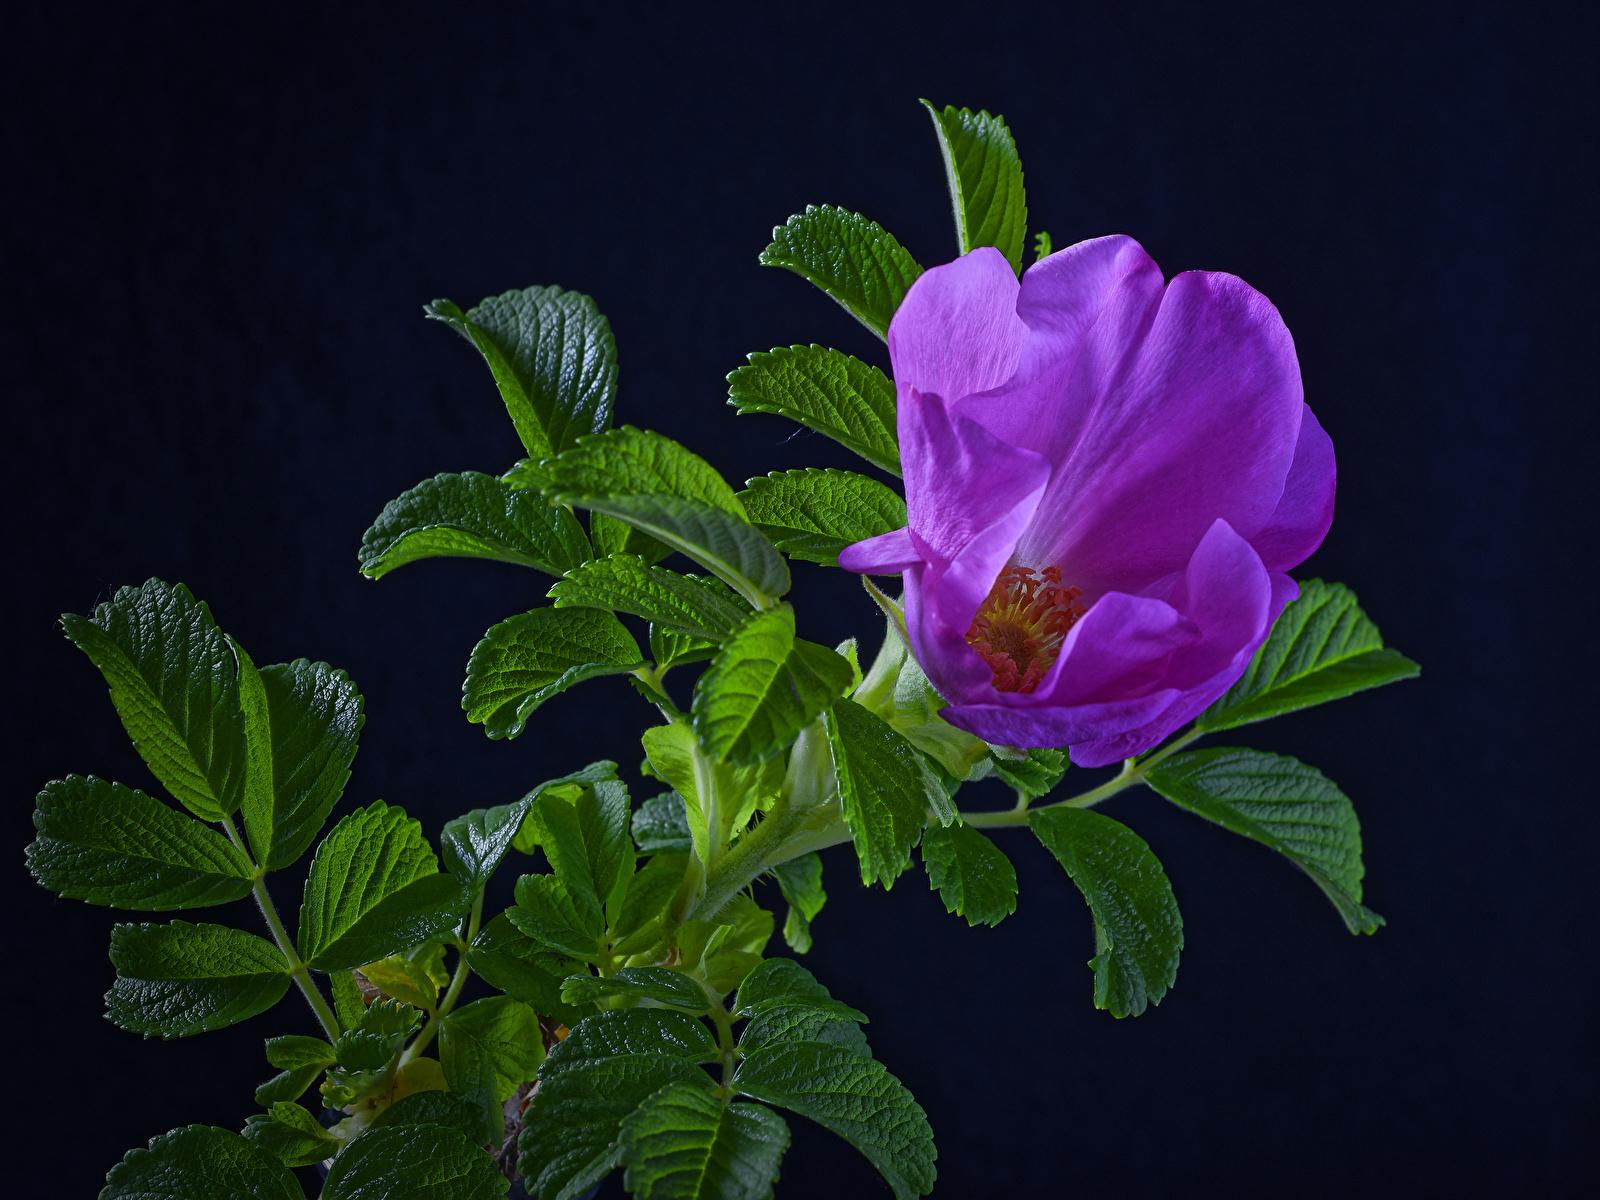 Обои для рабочего стола Листья роза фиолетовых цветок ветка Черный фон 1600x1200 лист Листва Розы Фиолетовый фиолетовая фиолетовые Цветы ветвь Ветки на ветке на черном фоне